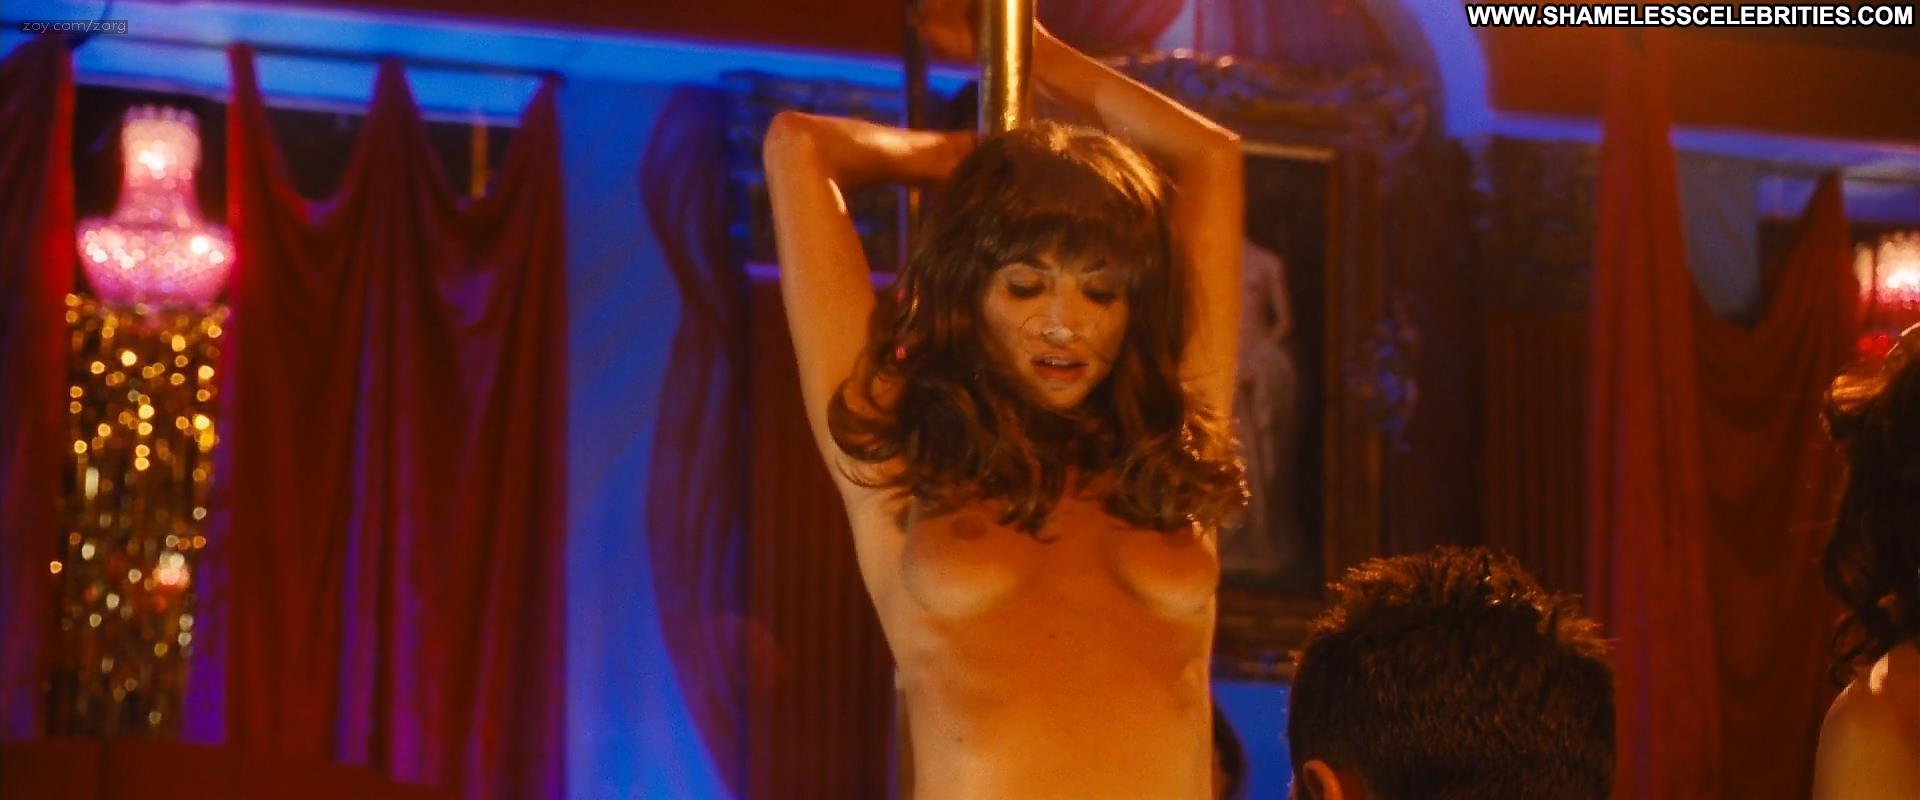 image Margarita levieva nude spread